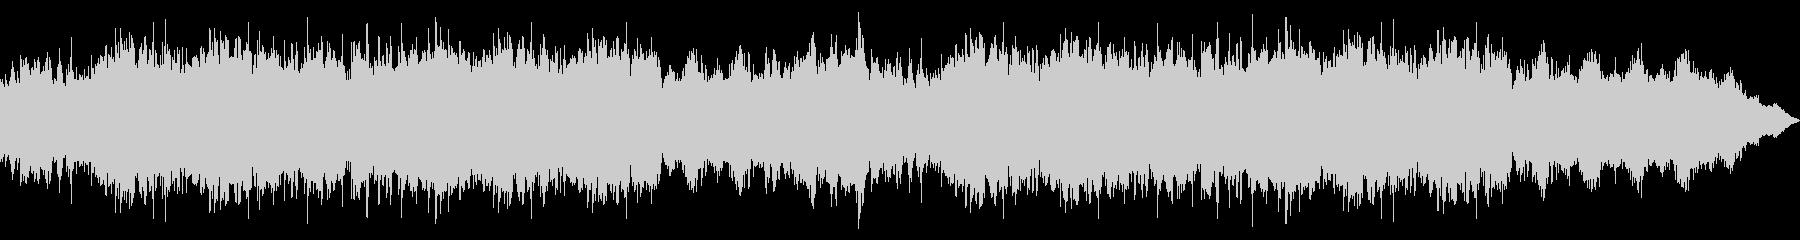 雄大なイメージのインスト曲の未再生の波形